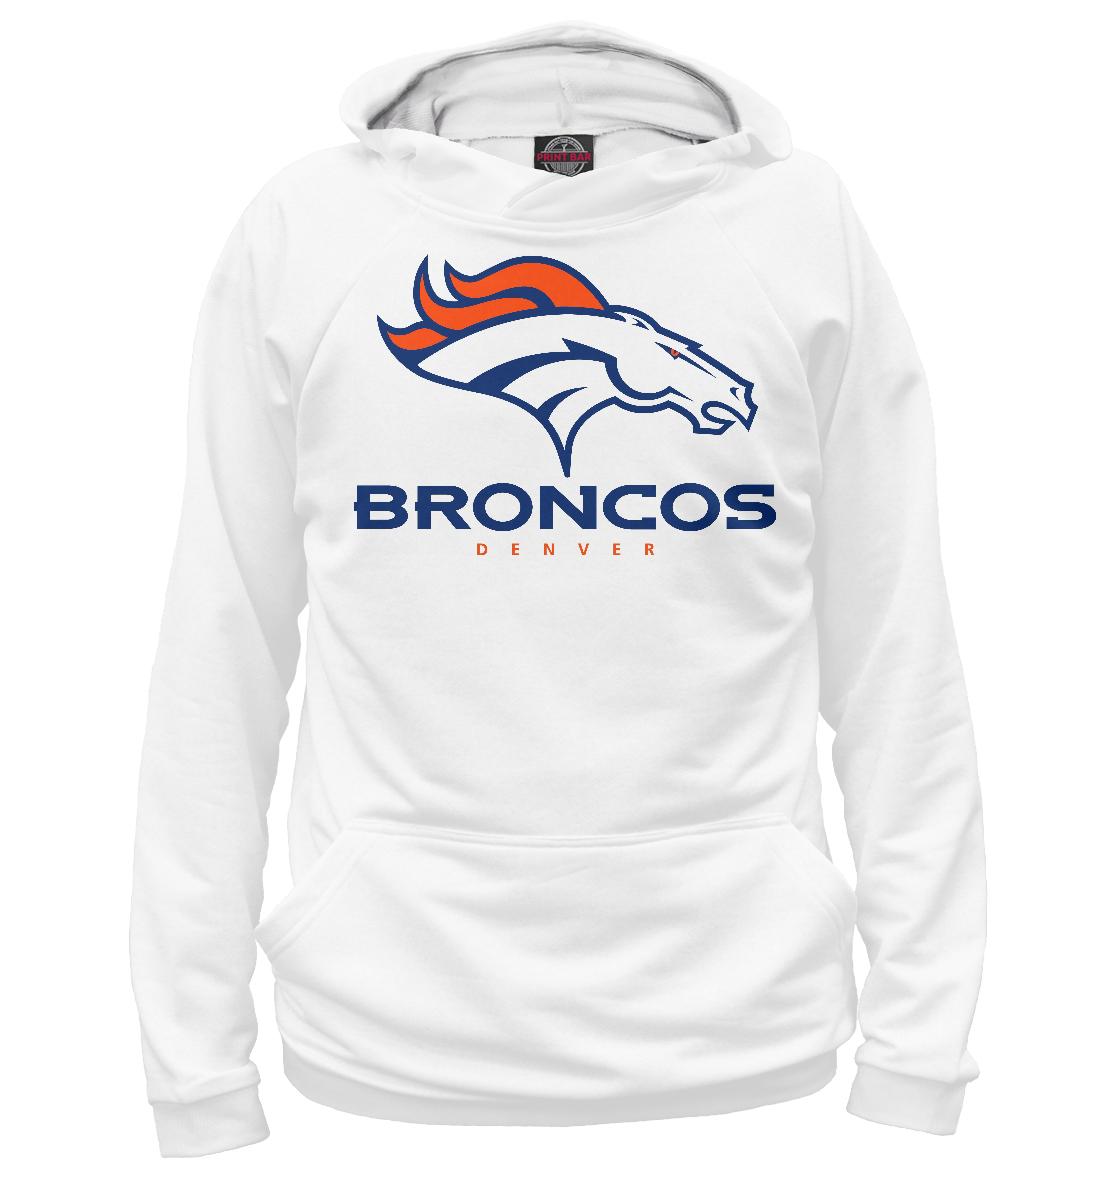 Купить Denver Broncos - Денвер Бронкос, Printbar, Худи, APD-335785-hud-2